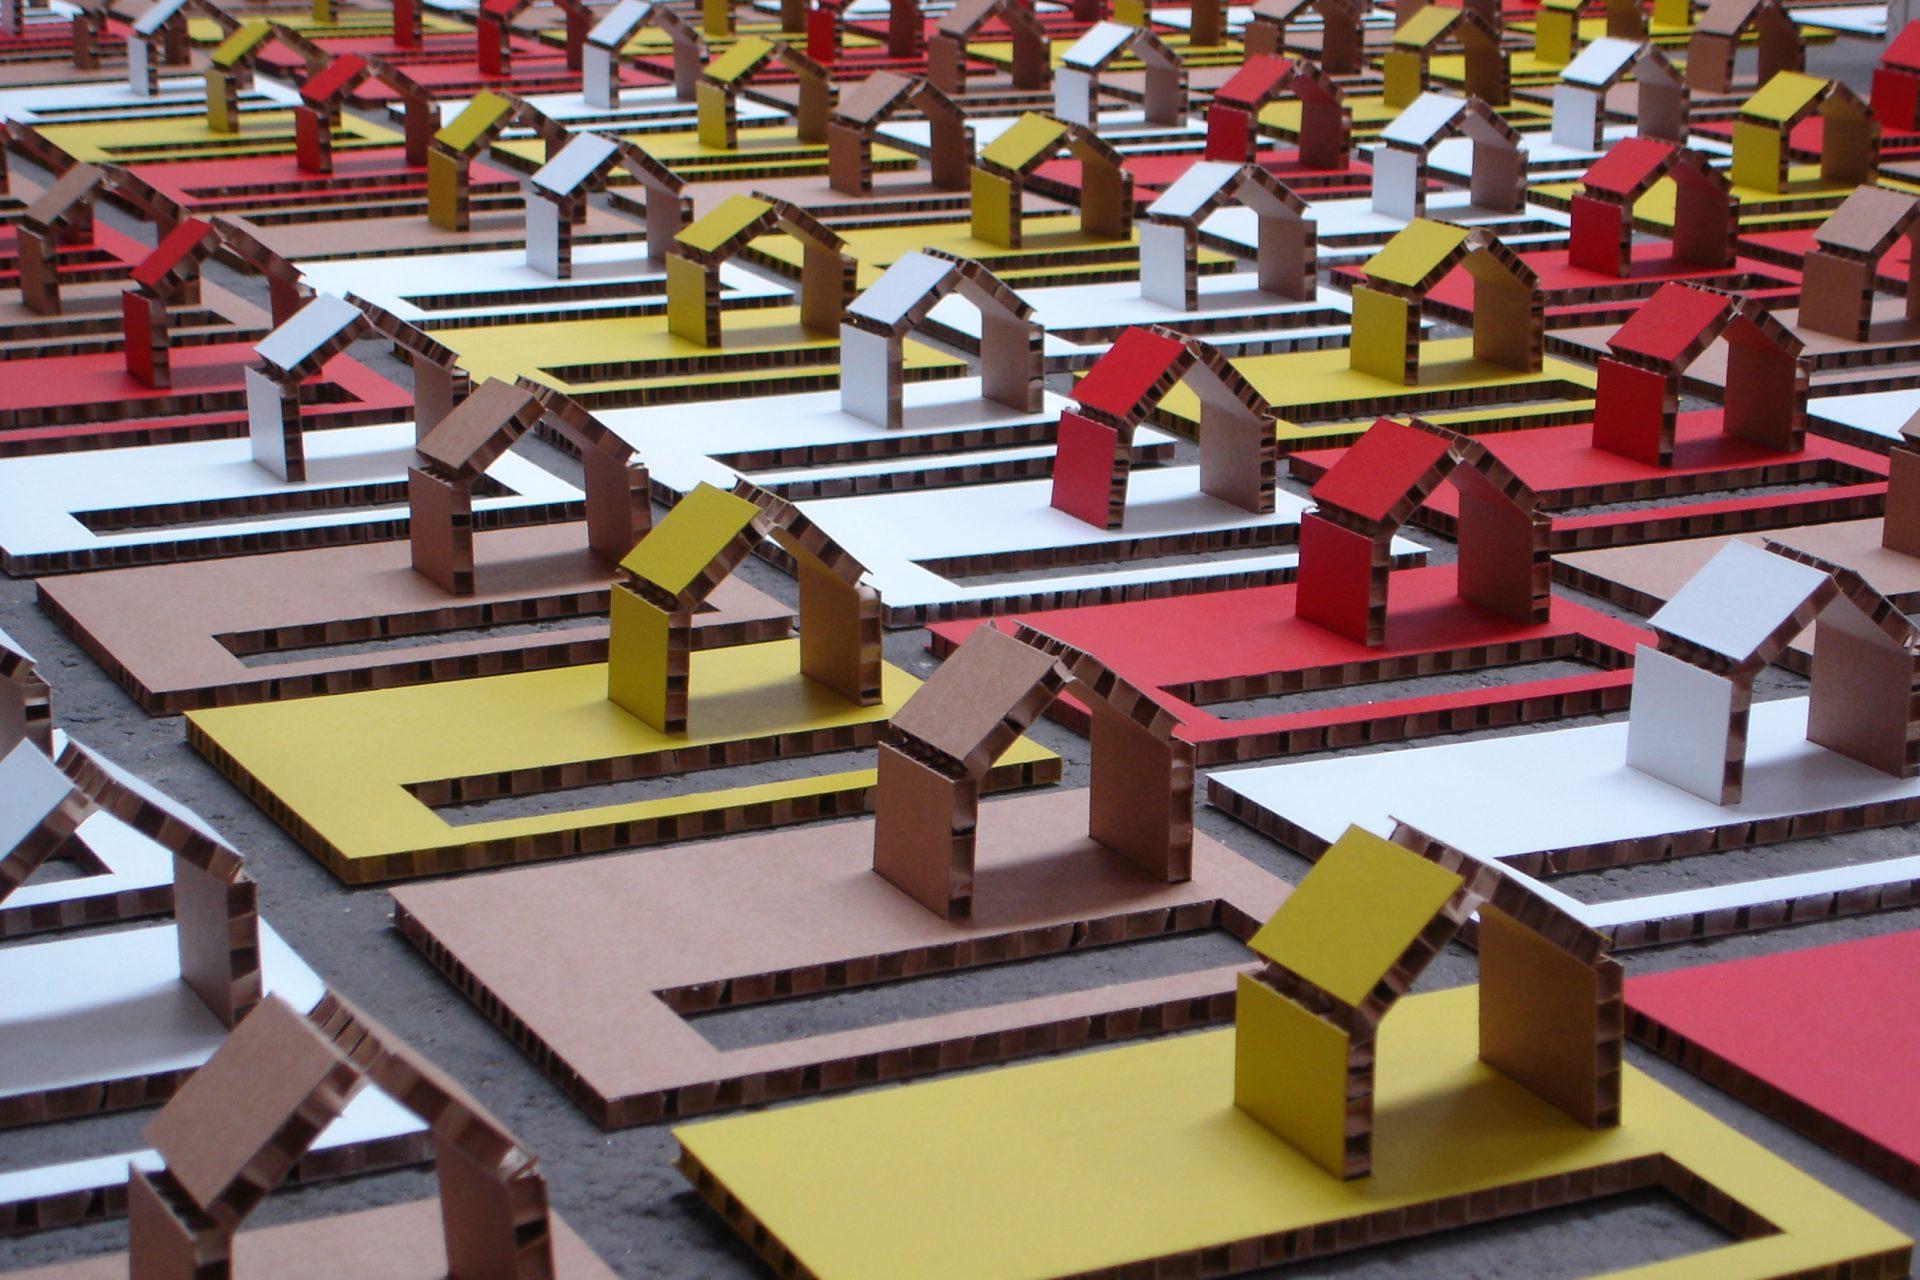 Casette montabili di cartone